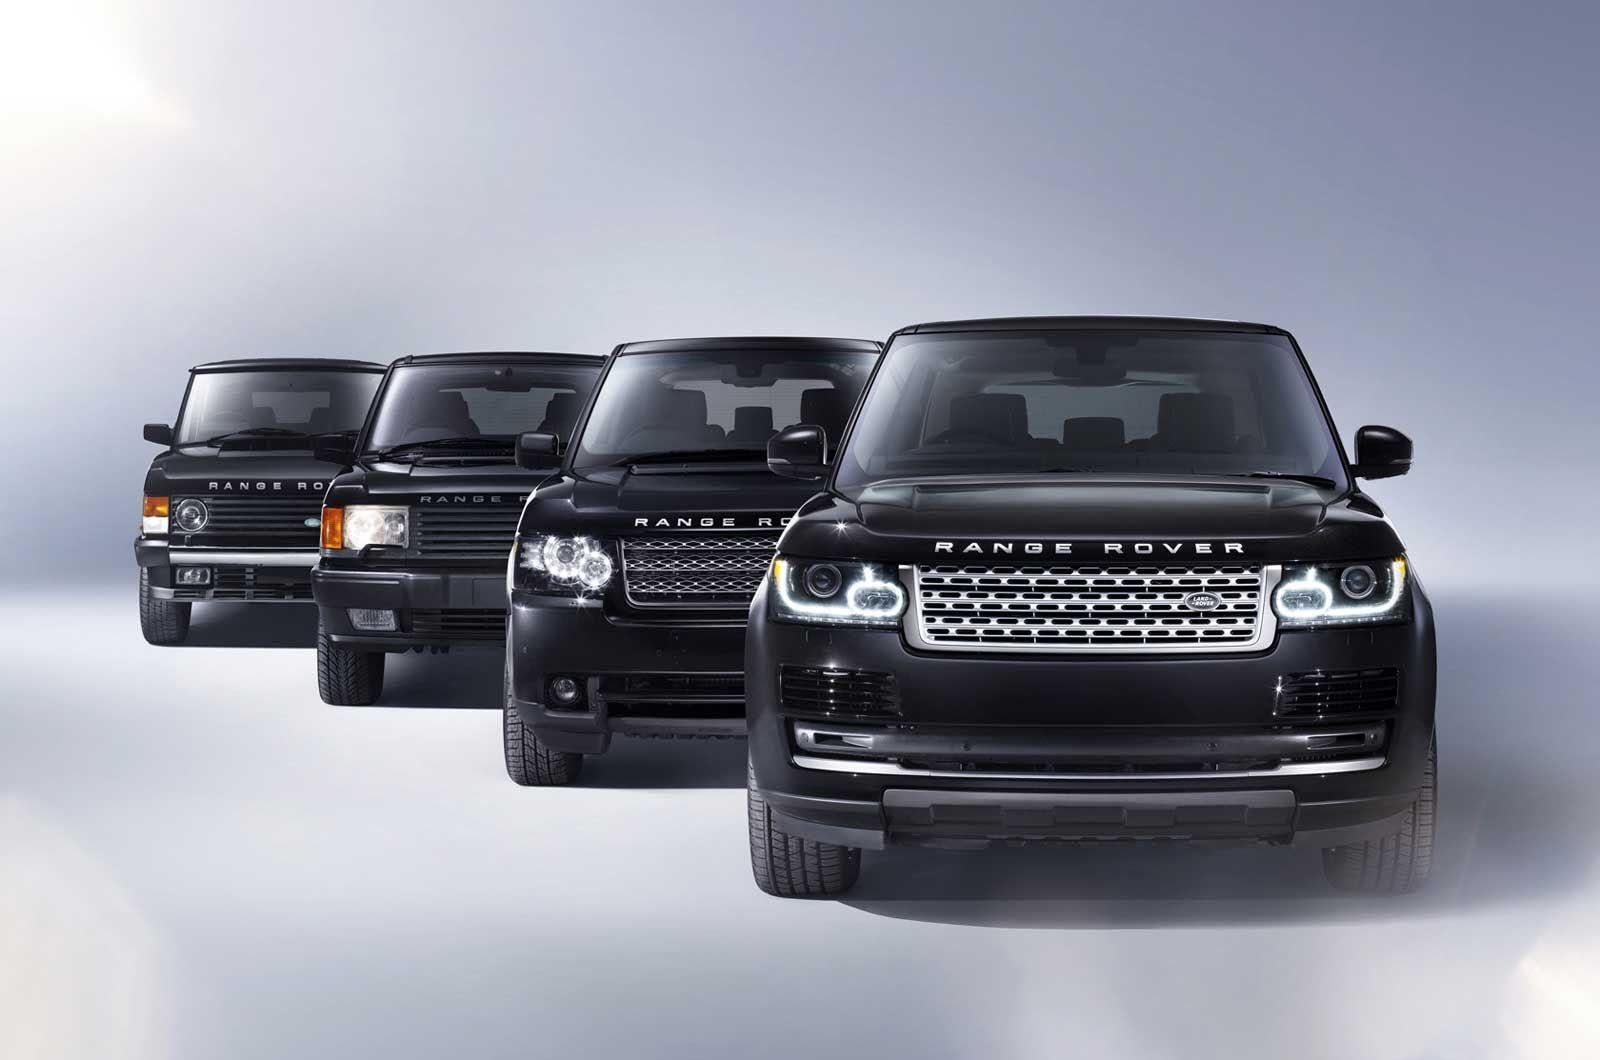 Range Rover evolution